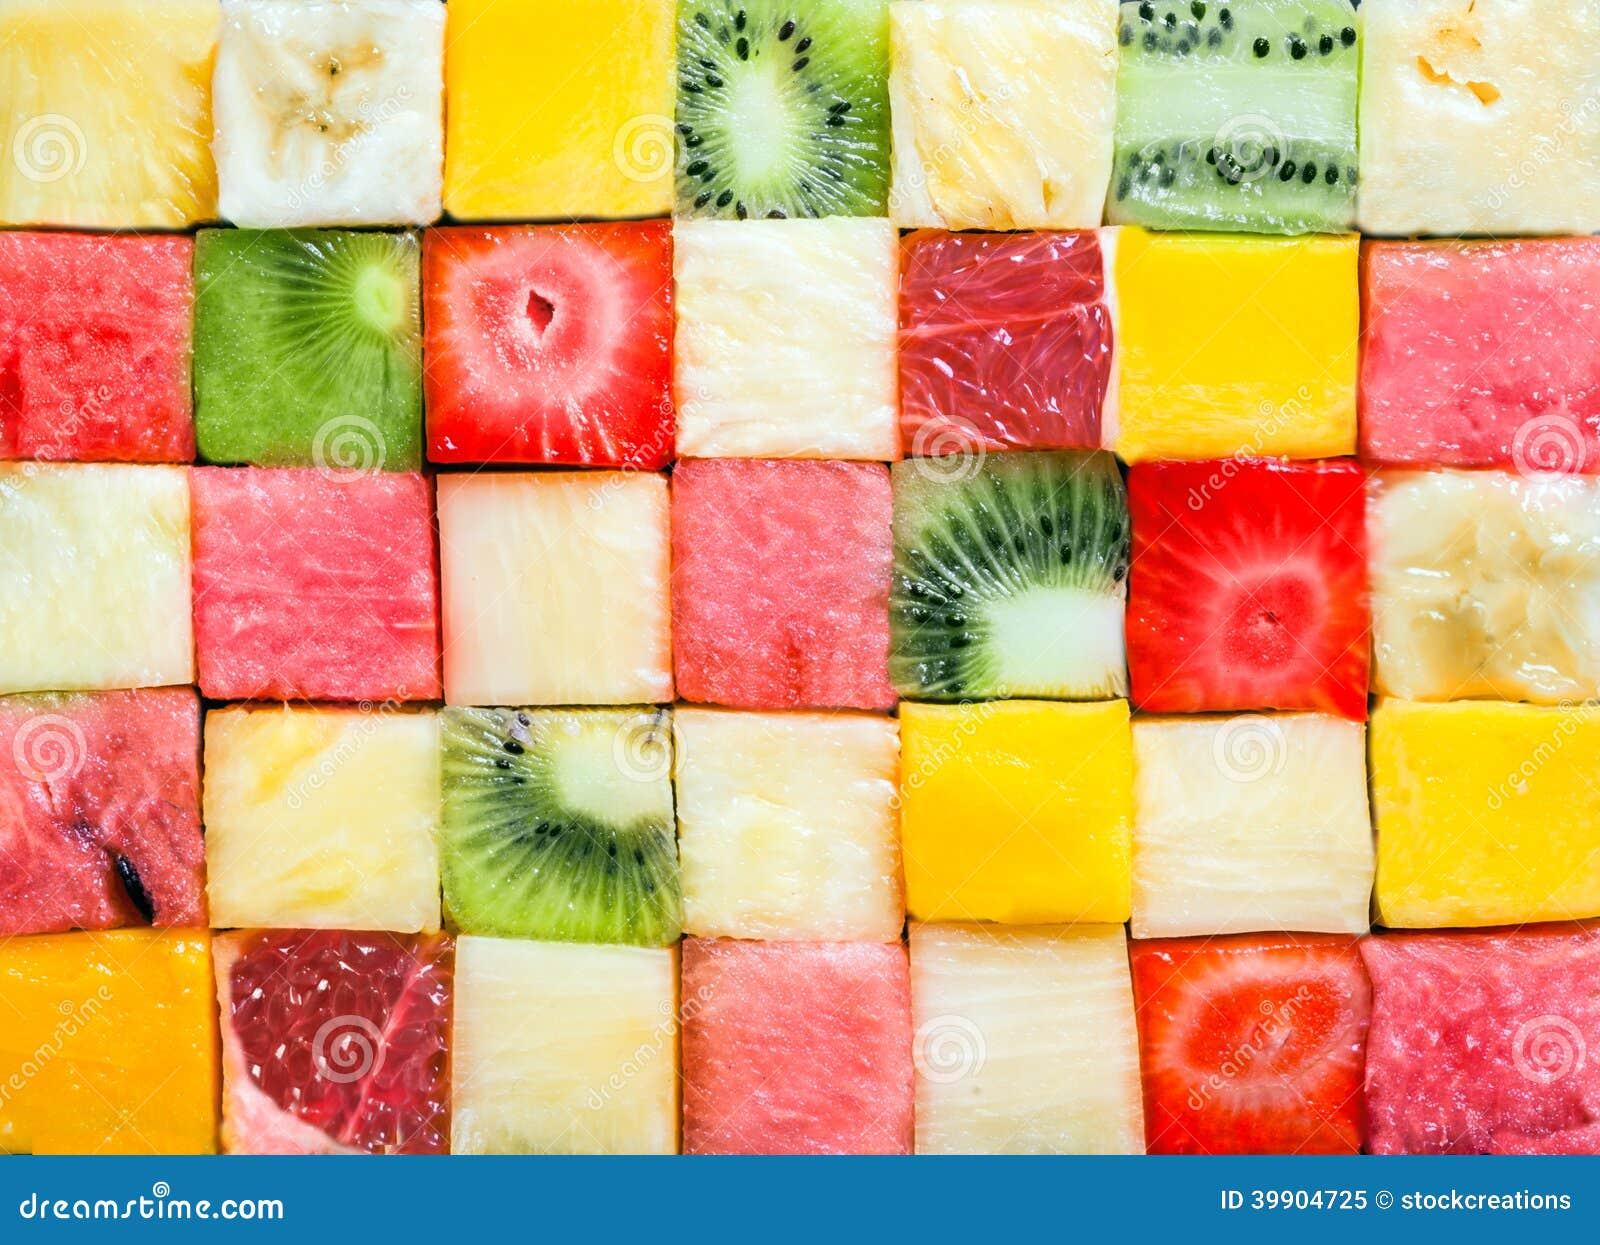 Modèle de fond et texture des cubes en fruit